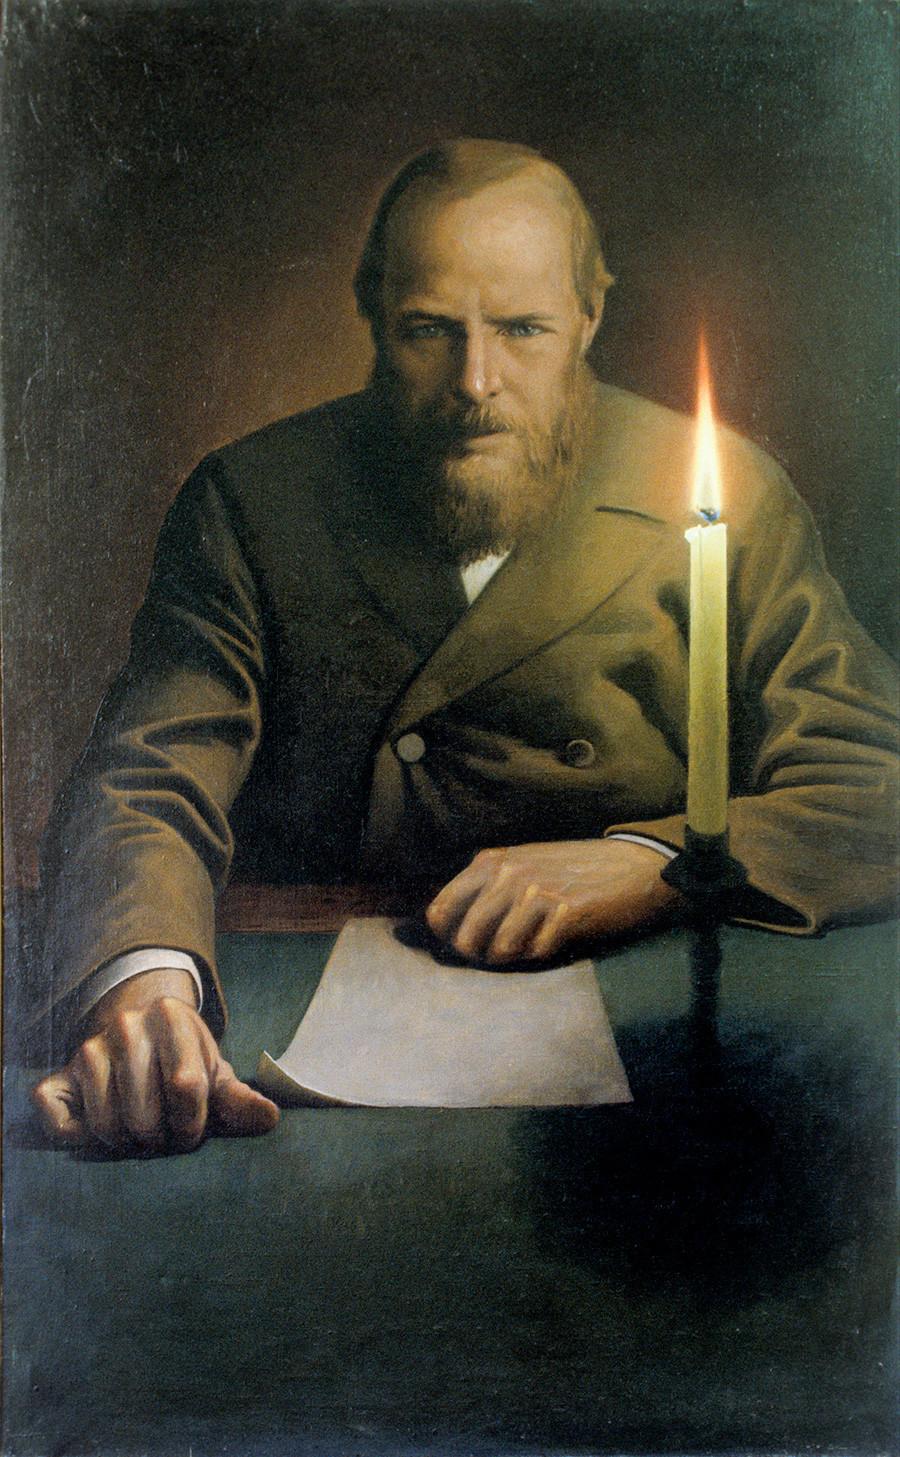 Retrato de Fiódor Dostoievski, por Konstantin Vasilyev.